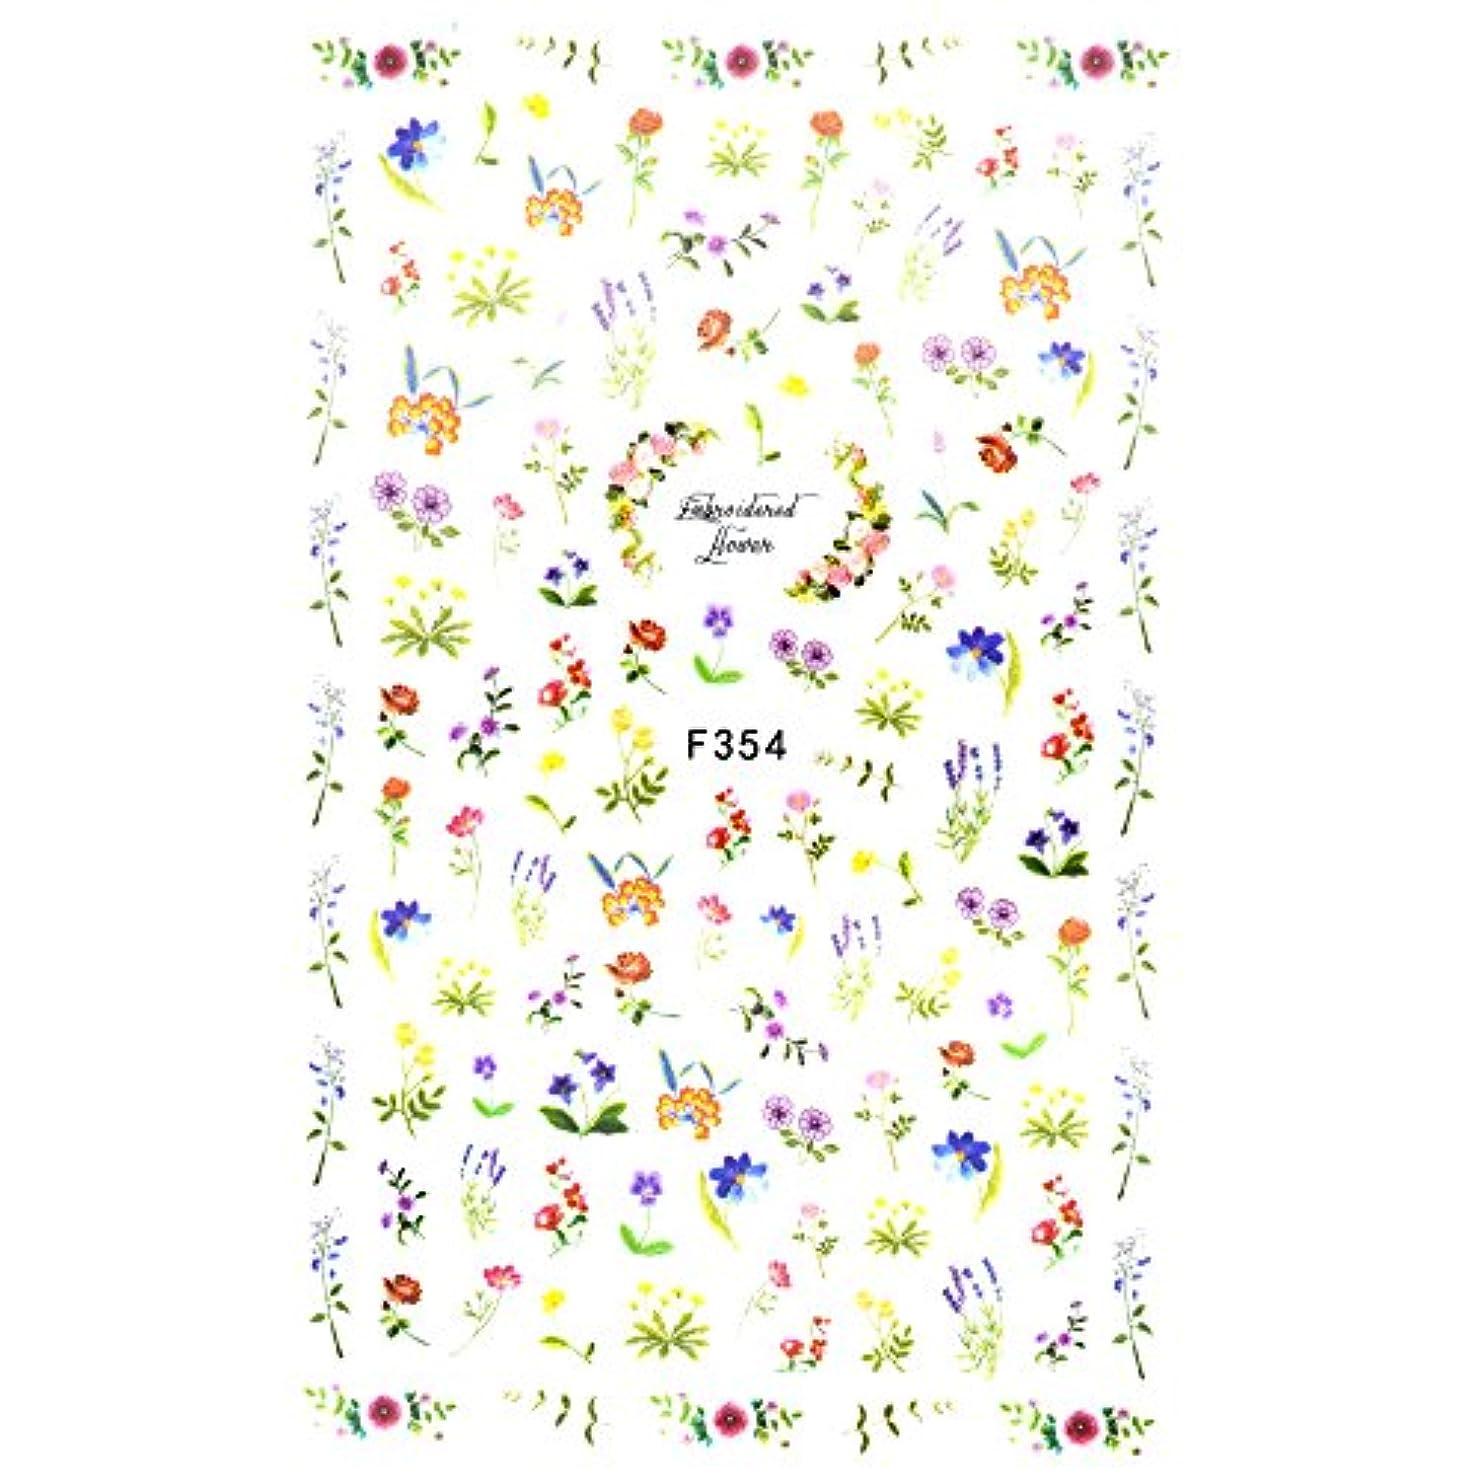 緩やかな前投薬大きさ【F354】 フラワーベッドシール ネイルシール ジェルネイル ネイル レジン マニキュア セルフネイル 花 フラワー